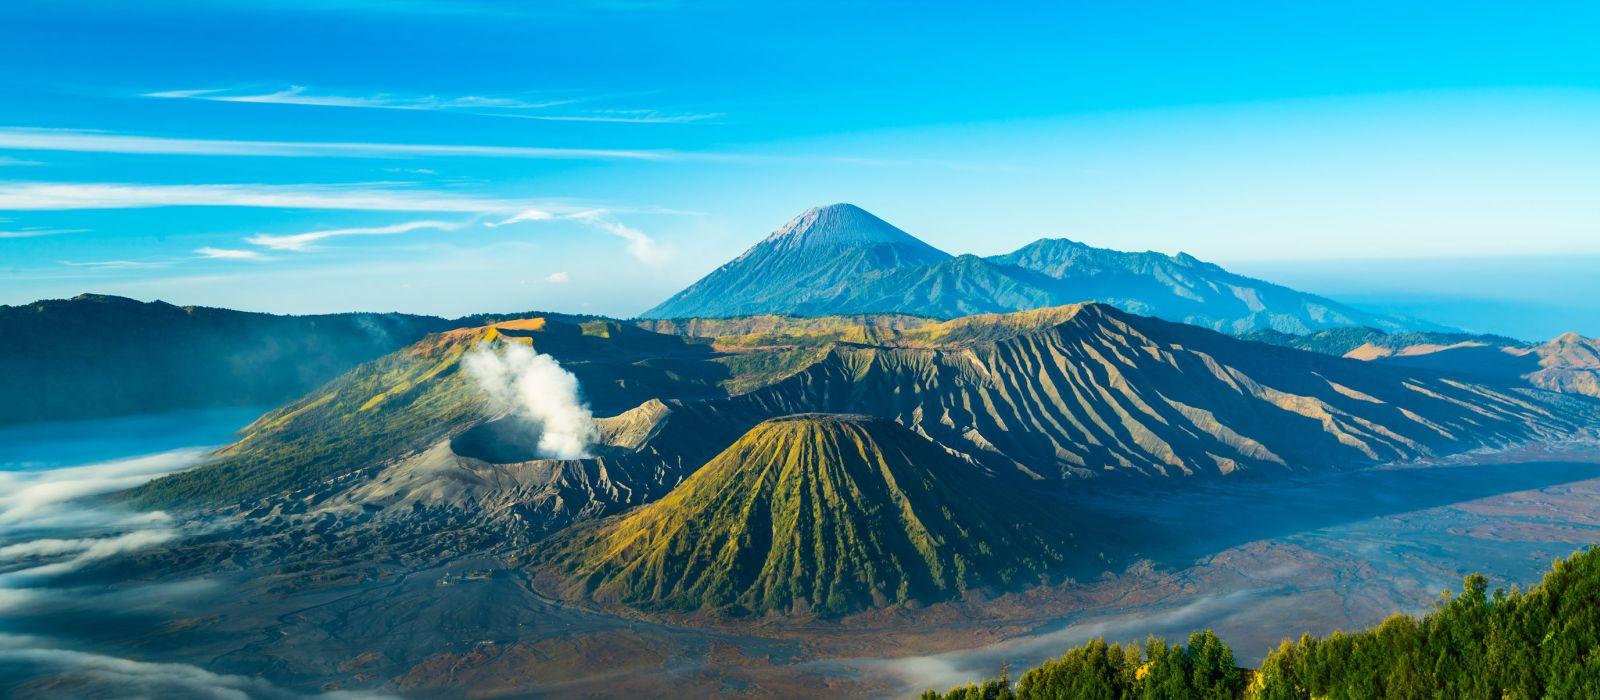 Destination Mt.Bromo Indonesia